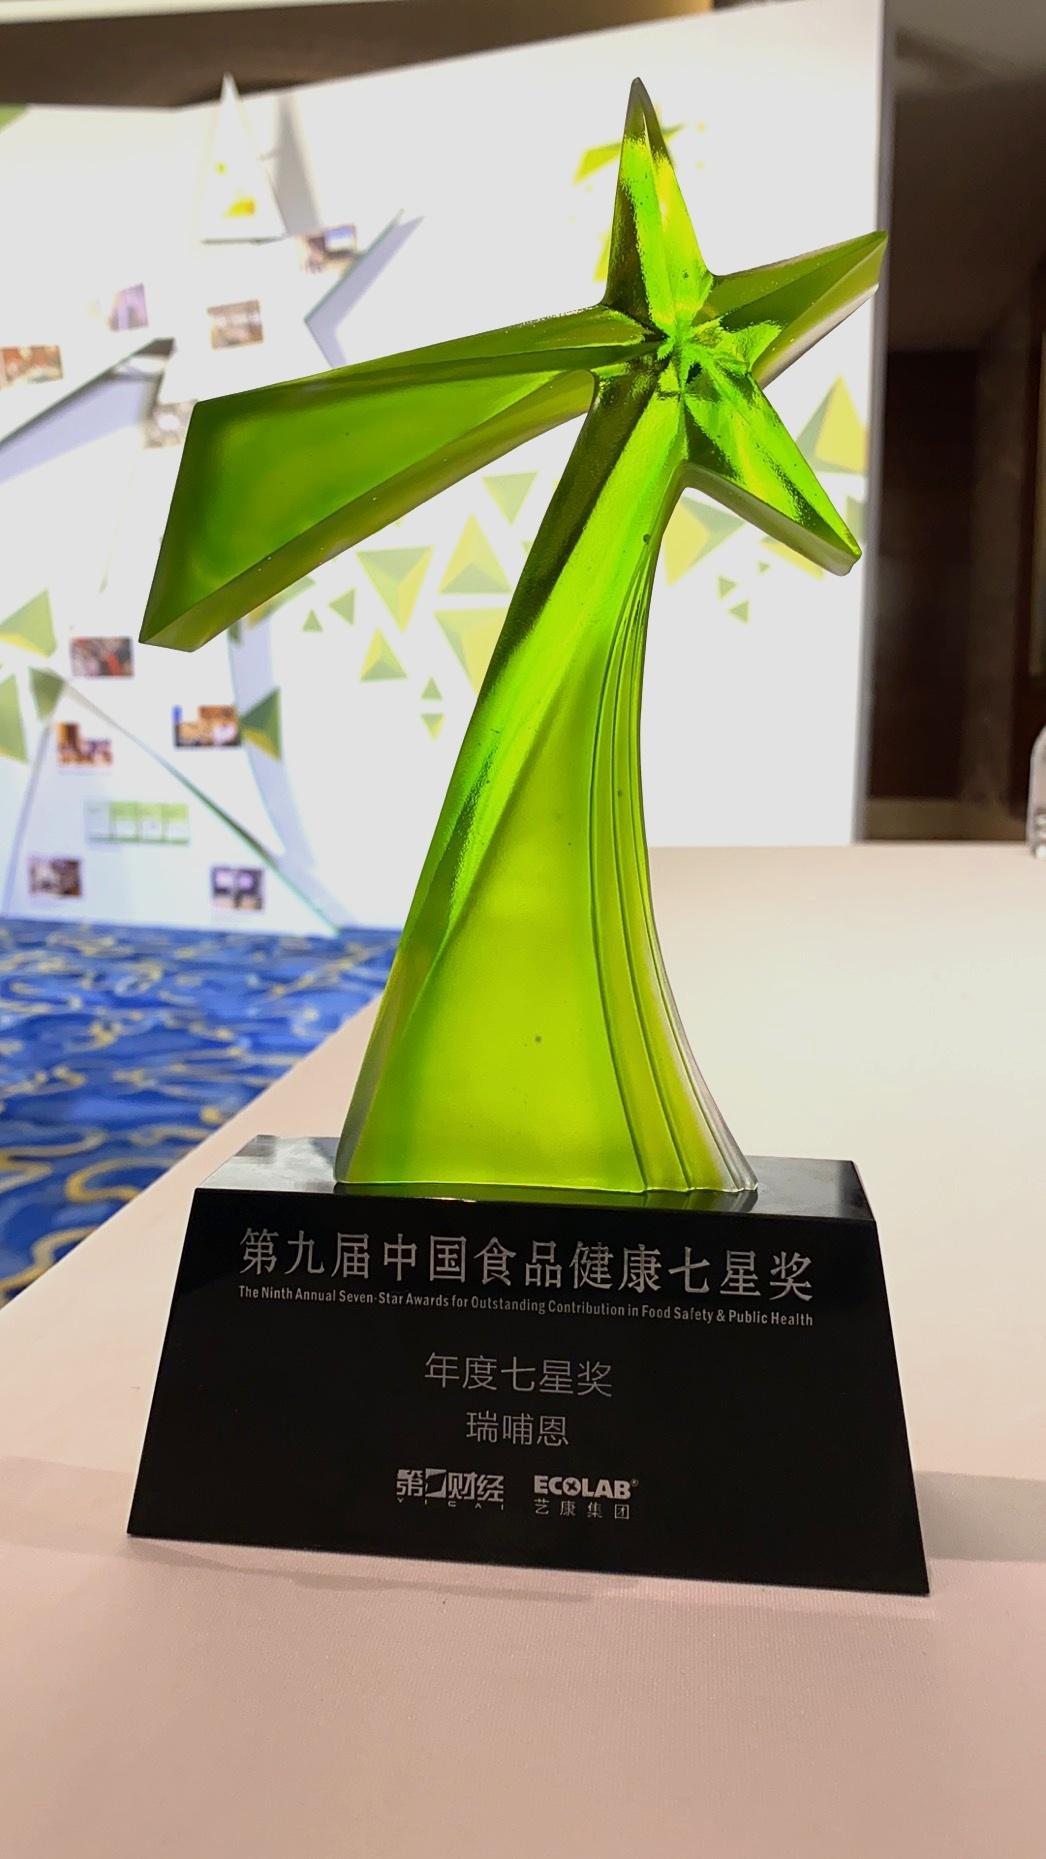 瑞哺恩深入中国母乳研究斩获硕果,成功荣获年度七星奖